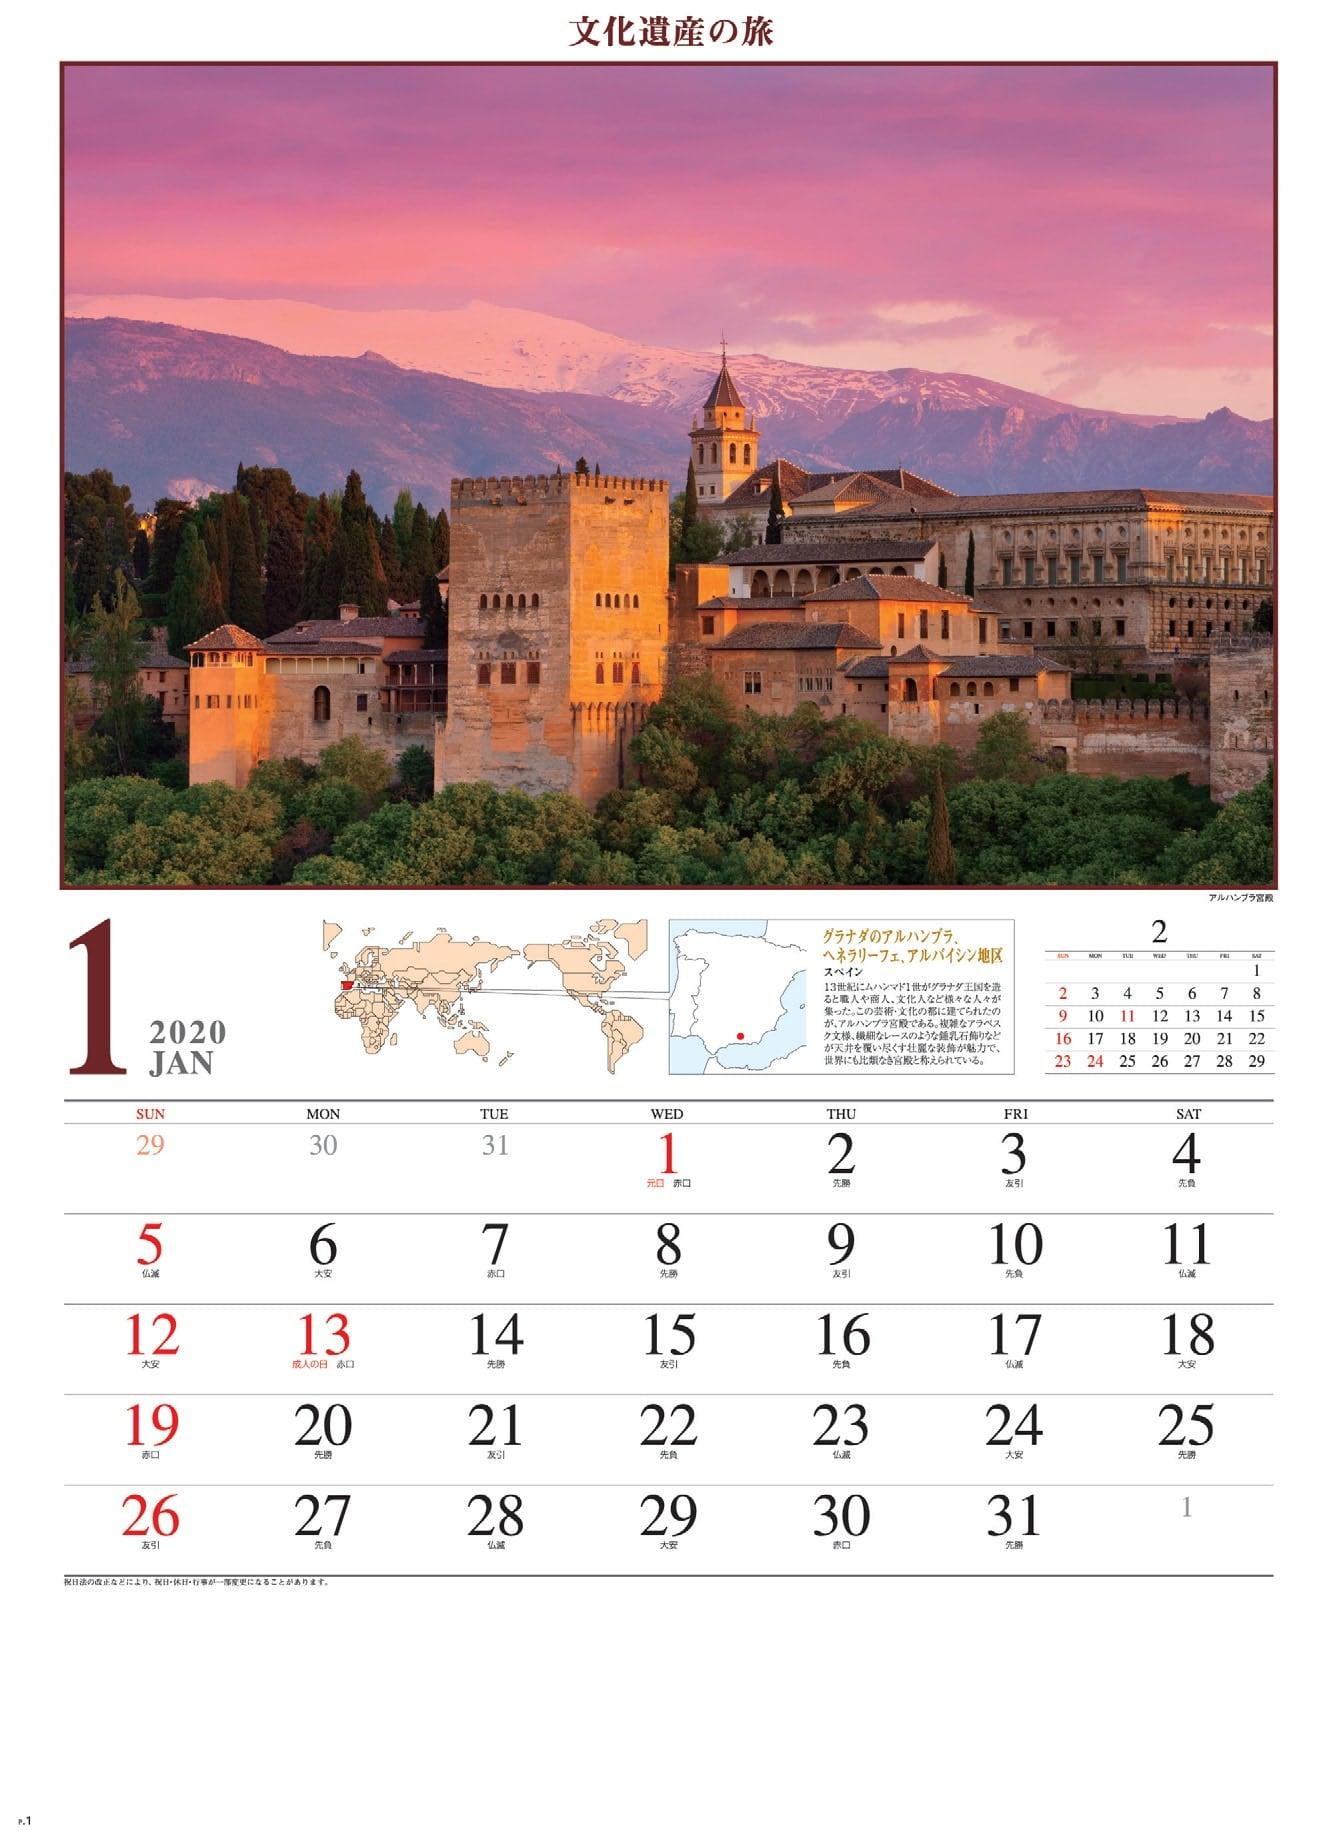 画像:アルハンブラ宮殿(スペイン) 文化遺産の旅(ユネスコ世界遺産) 2020年カレンダー